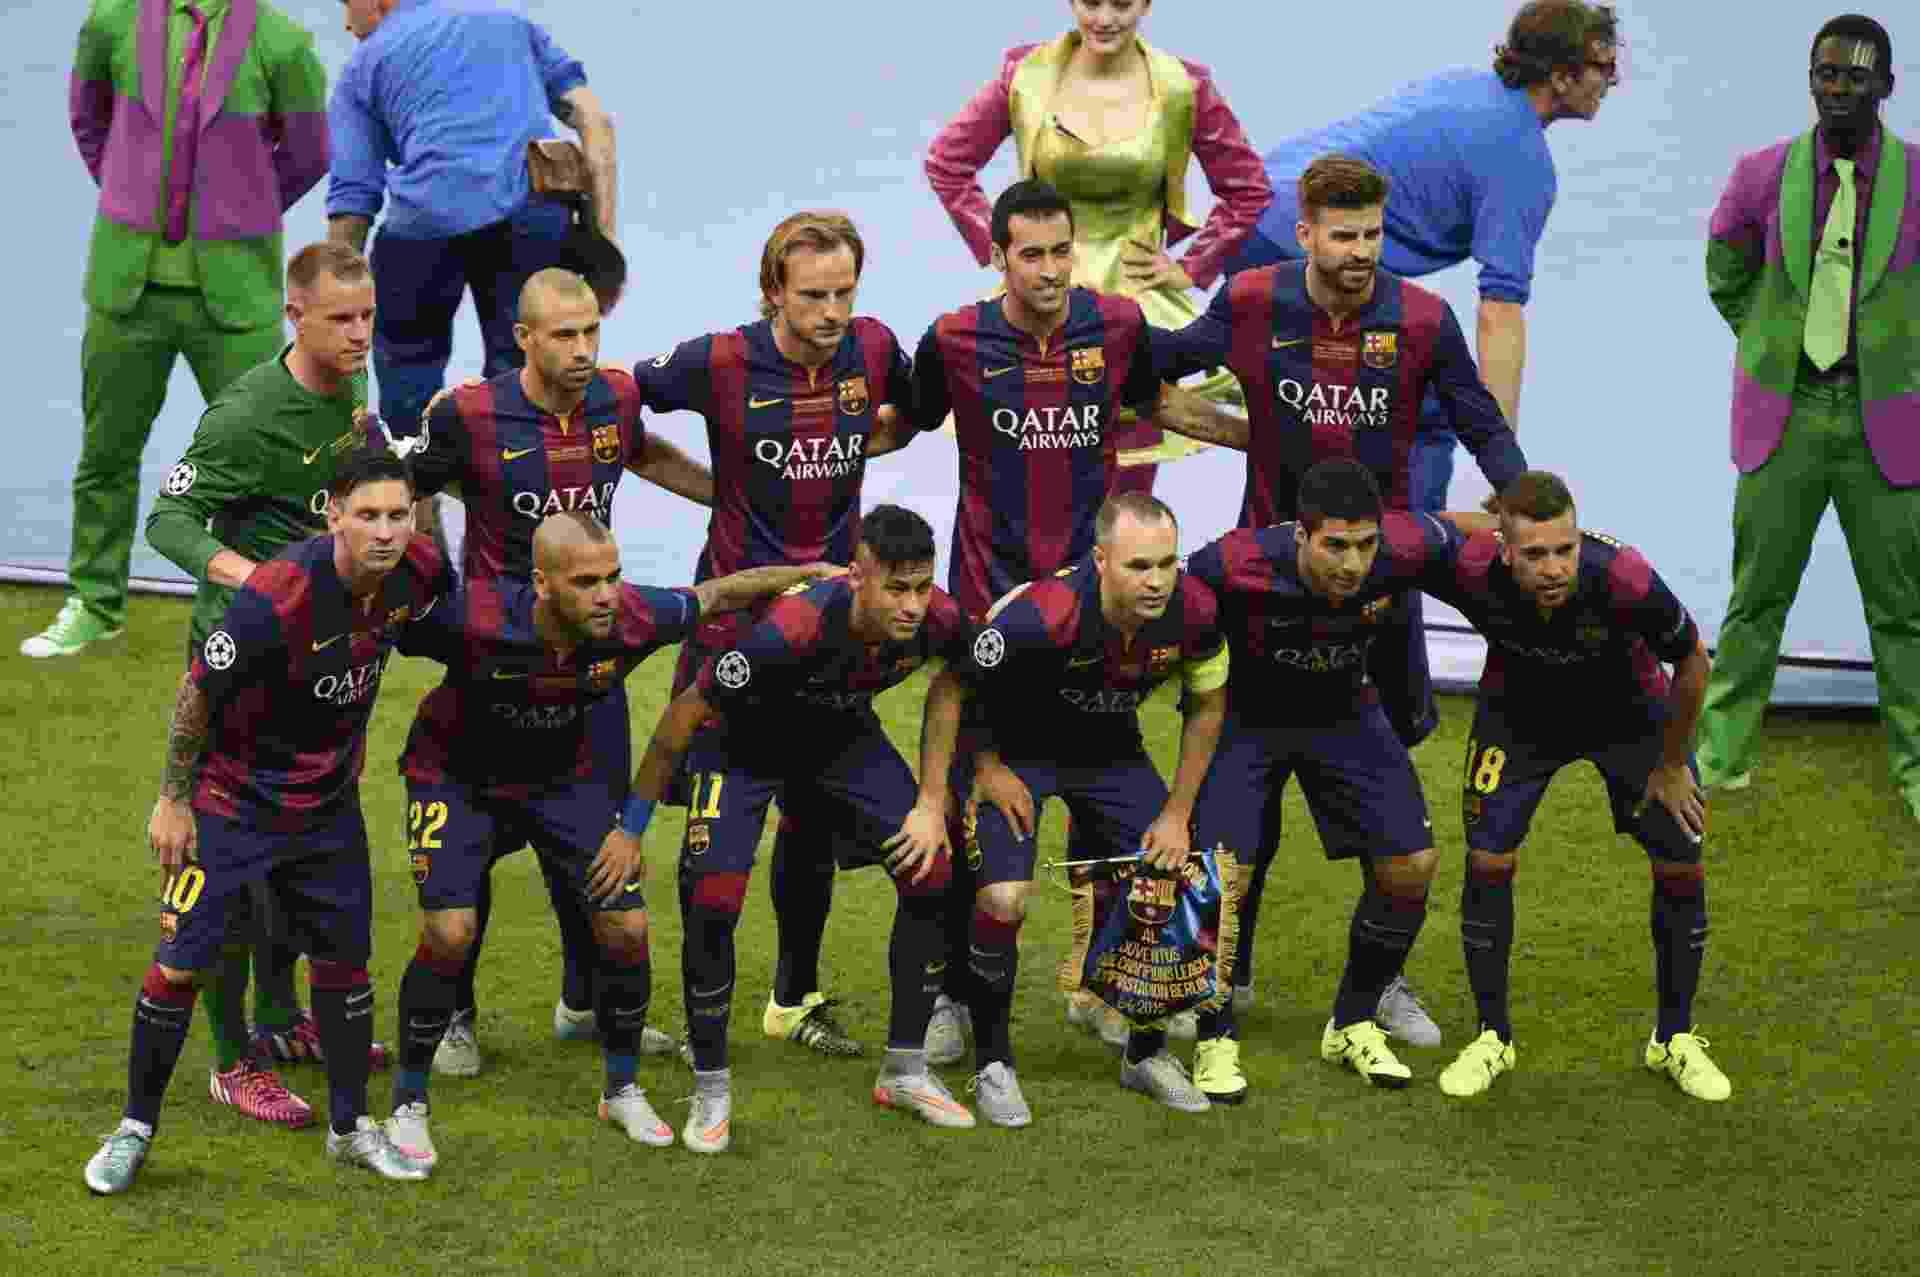 438fdf8525 Fotos  Final da Liga dos Campeões - Barcelona x Juventus - 06 06 ...